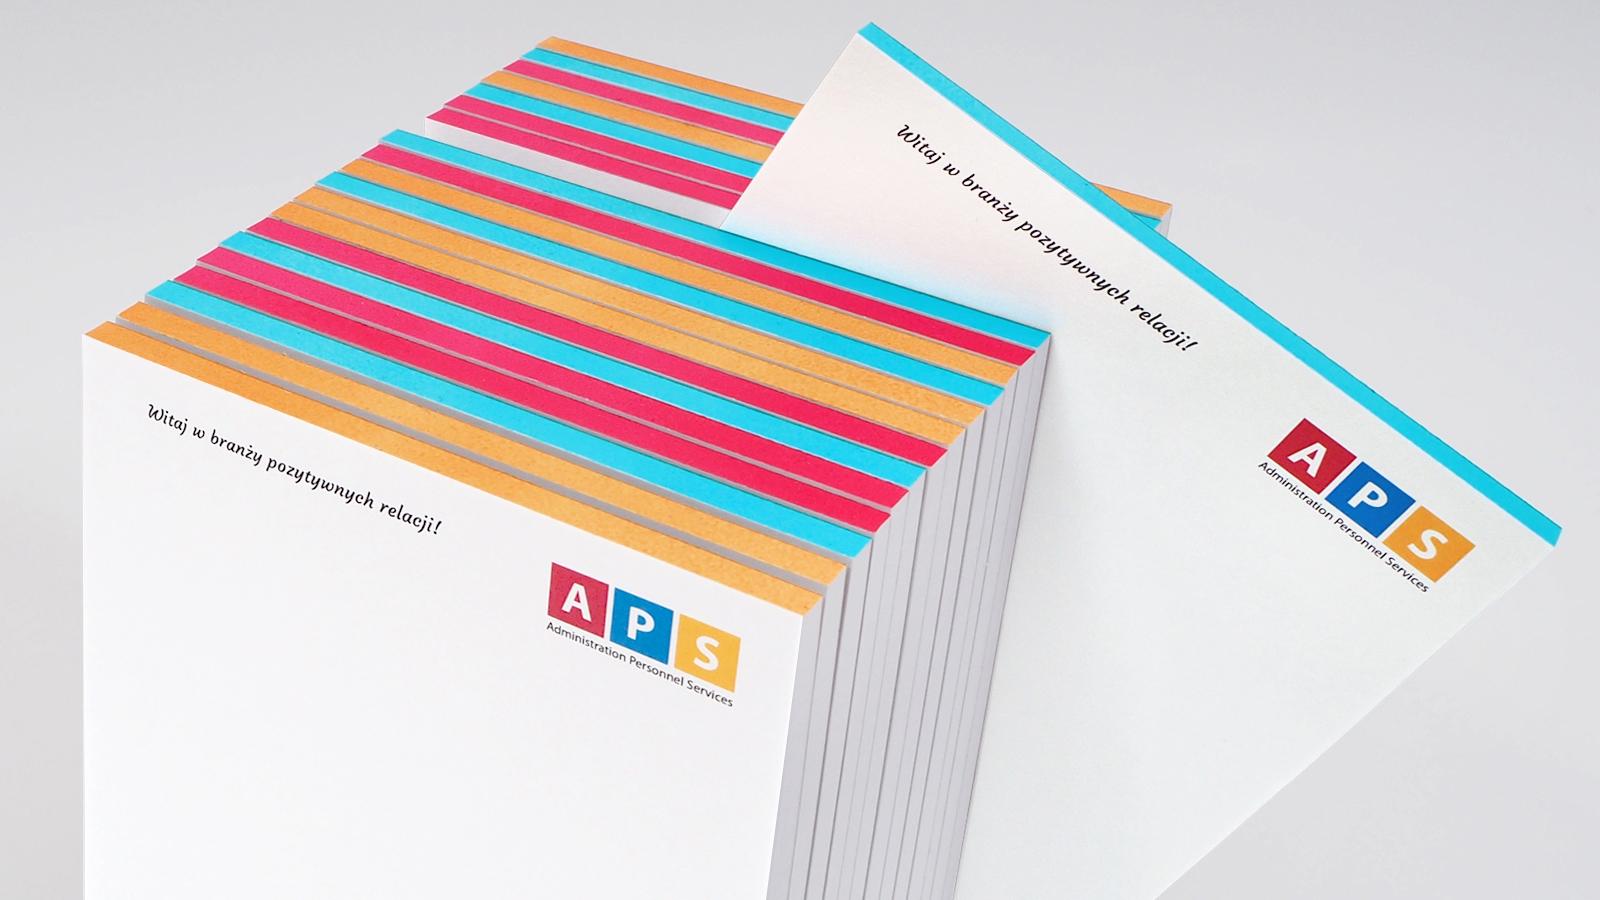 APS – notes klejony bez okładki A6 z kolorowym grzbietem